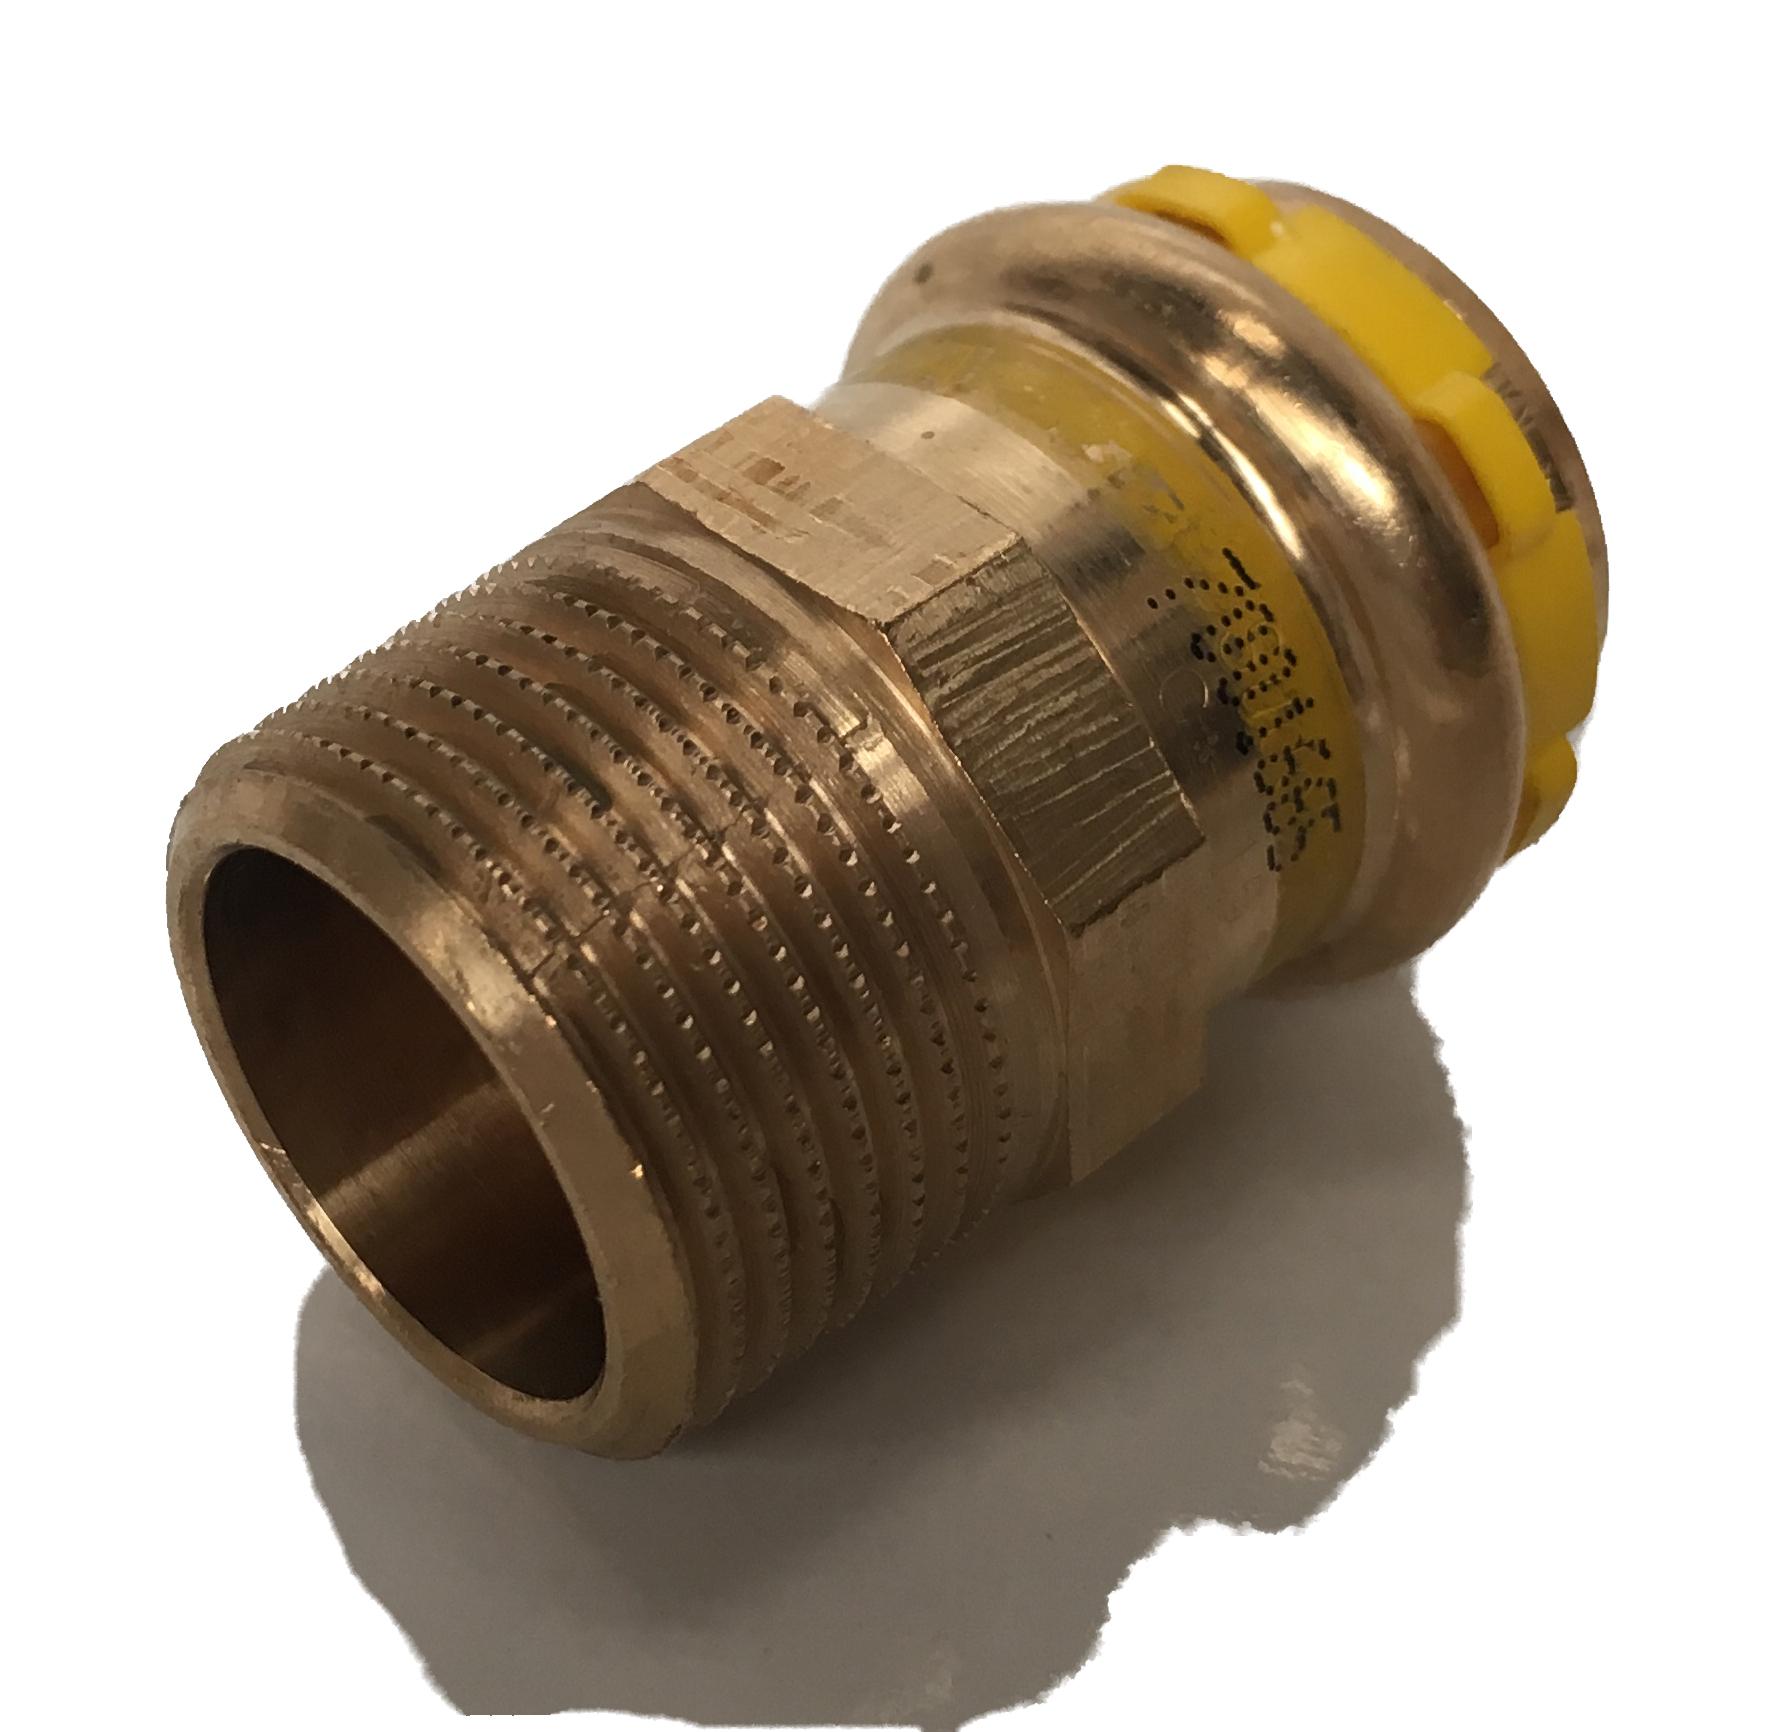 Straight fitting Copper Sudopress Press GAS 18x1/2M V-profile